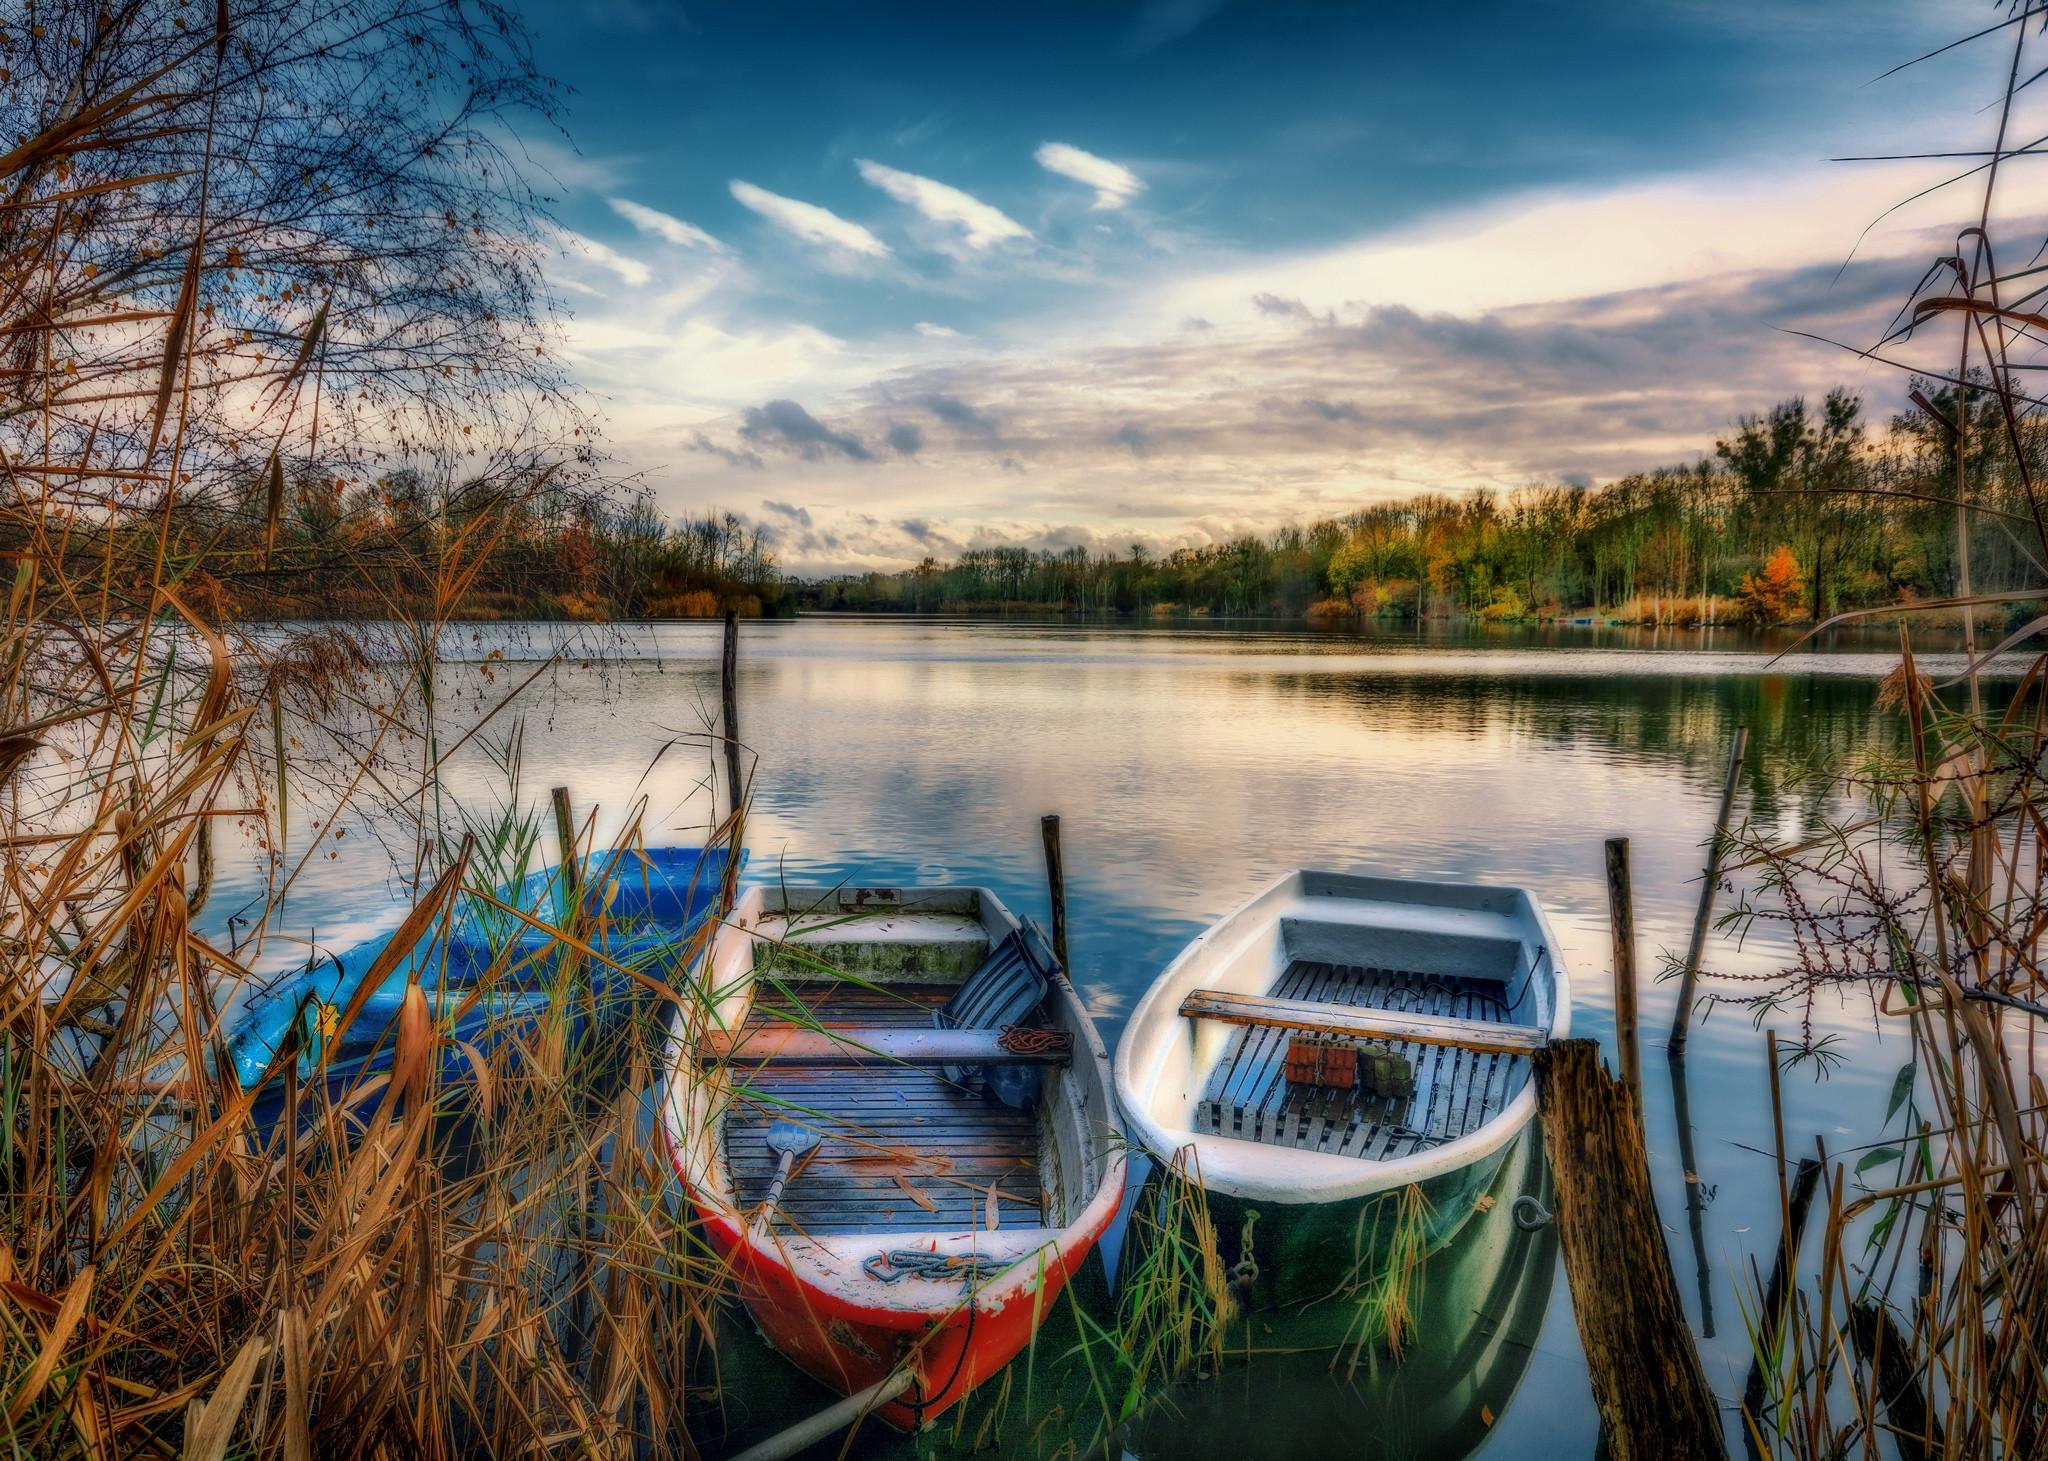 обои закат, озеро, лодки, деревья картинки фото